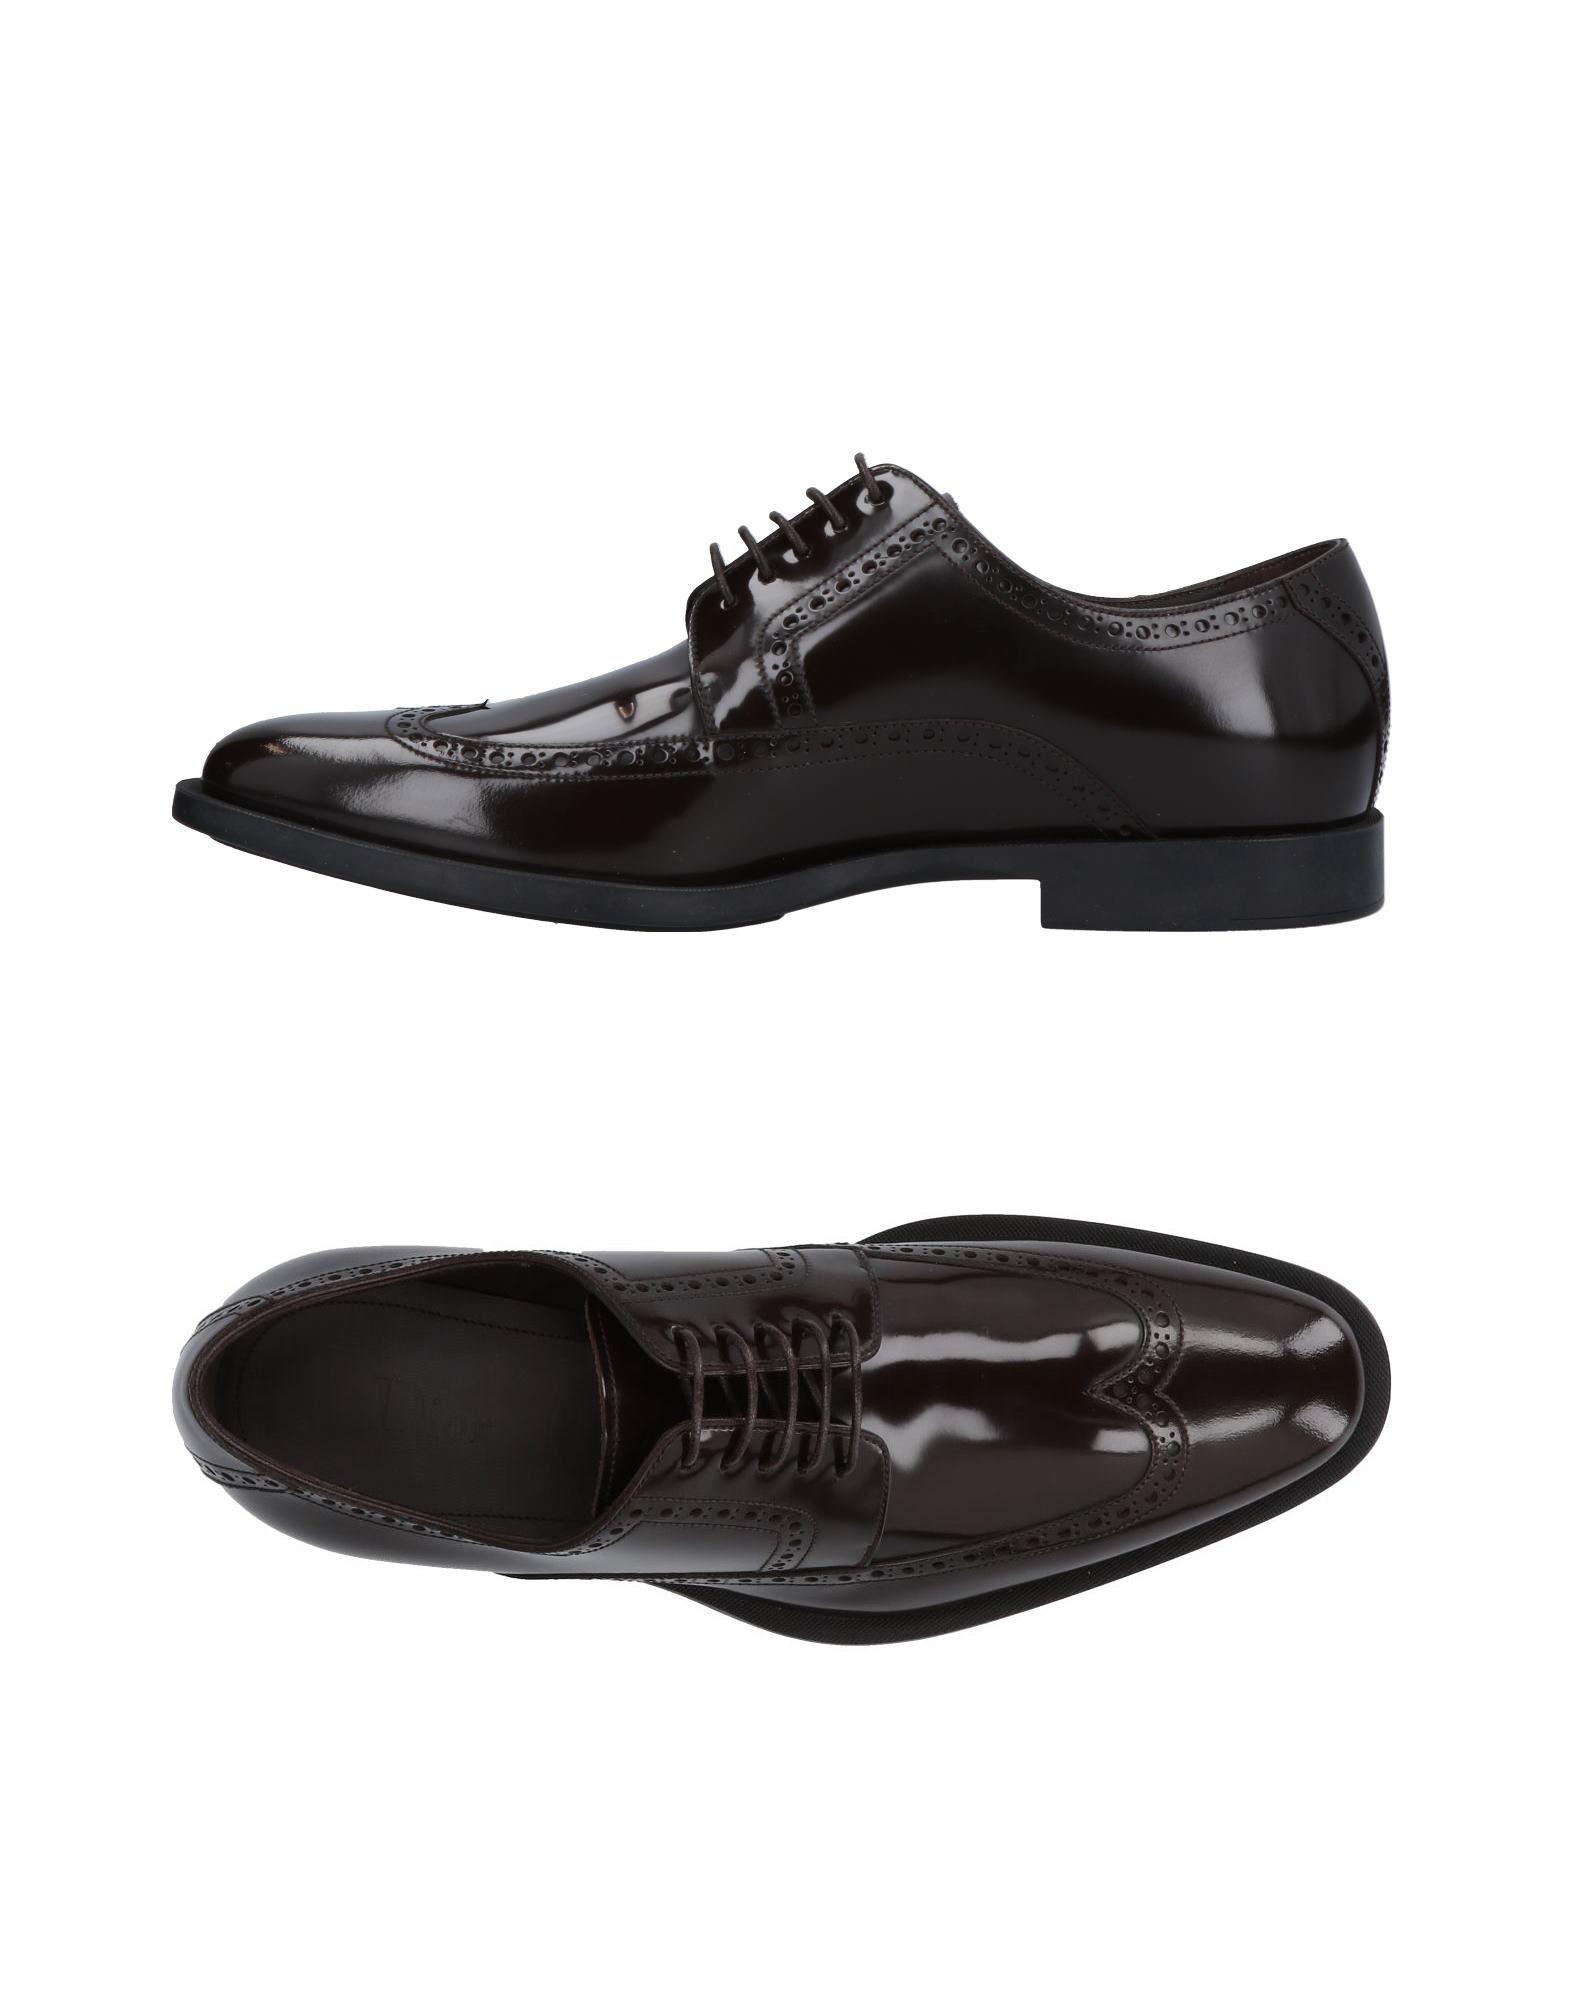 Cómodo y bien De parecido  Zapato De bien Cordones Dior Homme Hombre - Zapatos De Cordones Dior Homme 7330b0